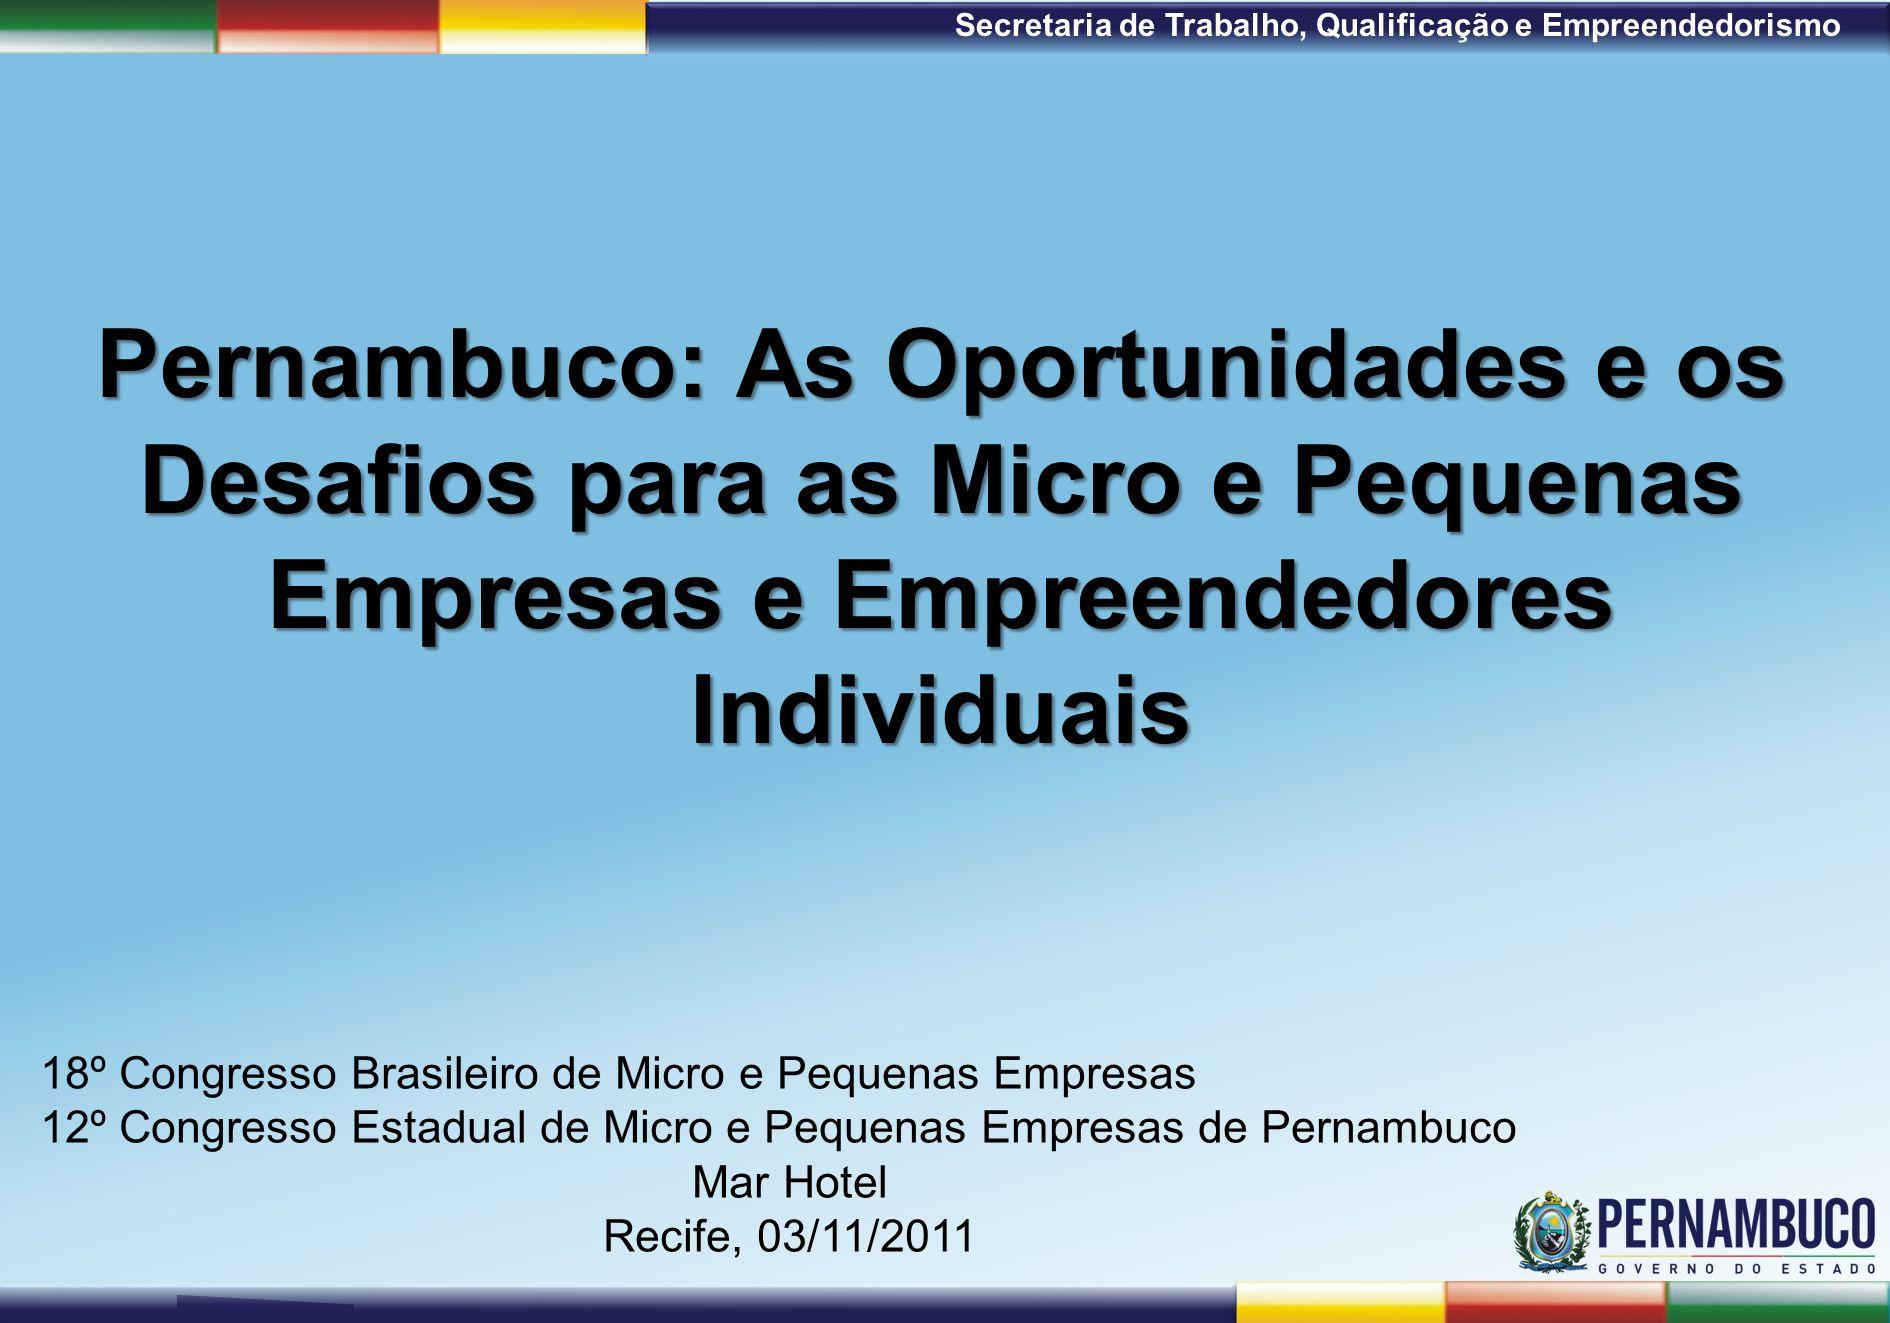 1ª Reunião de Monitoramento 2009 – 31/03/09 Secretaria de Trabalho, Qualificação e Empreendedorismo Pernambuco: As Oportunidades e os Desafios para as Micro e Pequenas Empresas e Empreendedores Individuais 18º Congresso Brasileiro de Micro e Pequenas Empresas 12º Congresso Estadual de Micro e Pequenas Empresas de Pernambuco Mar Hotel Recife, 03/11/2011